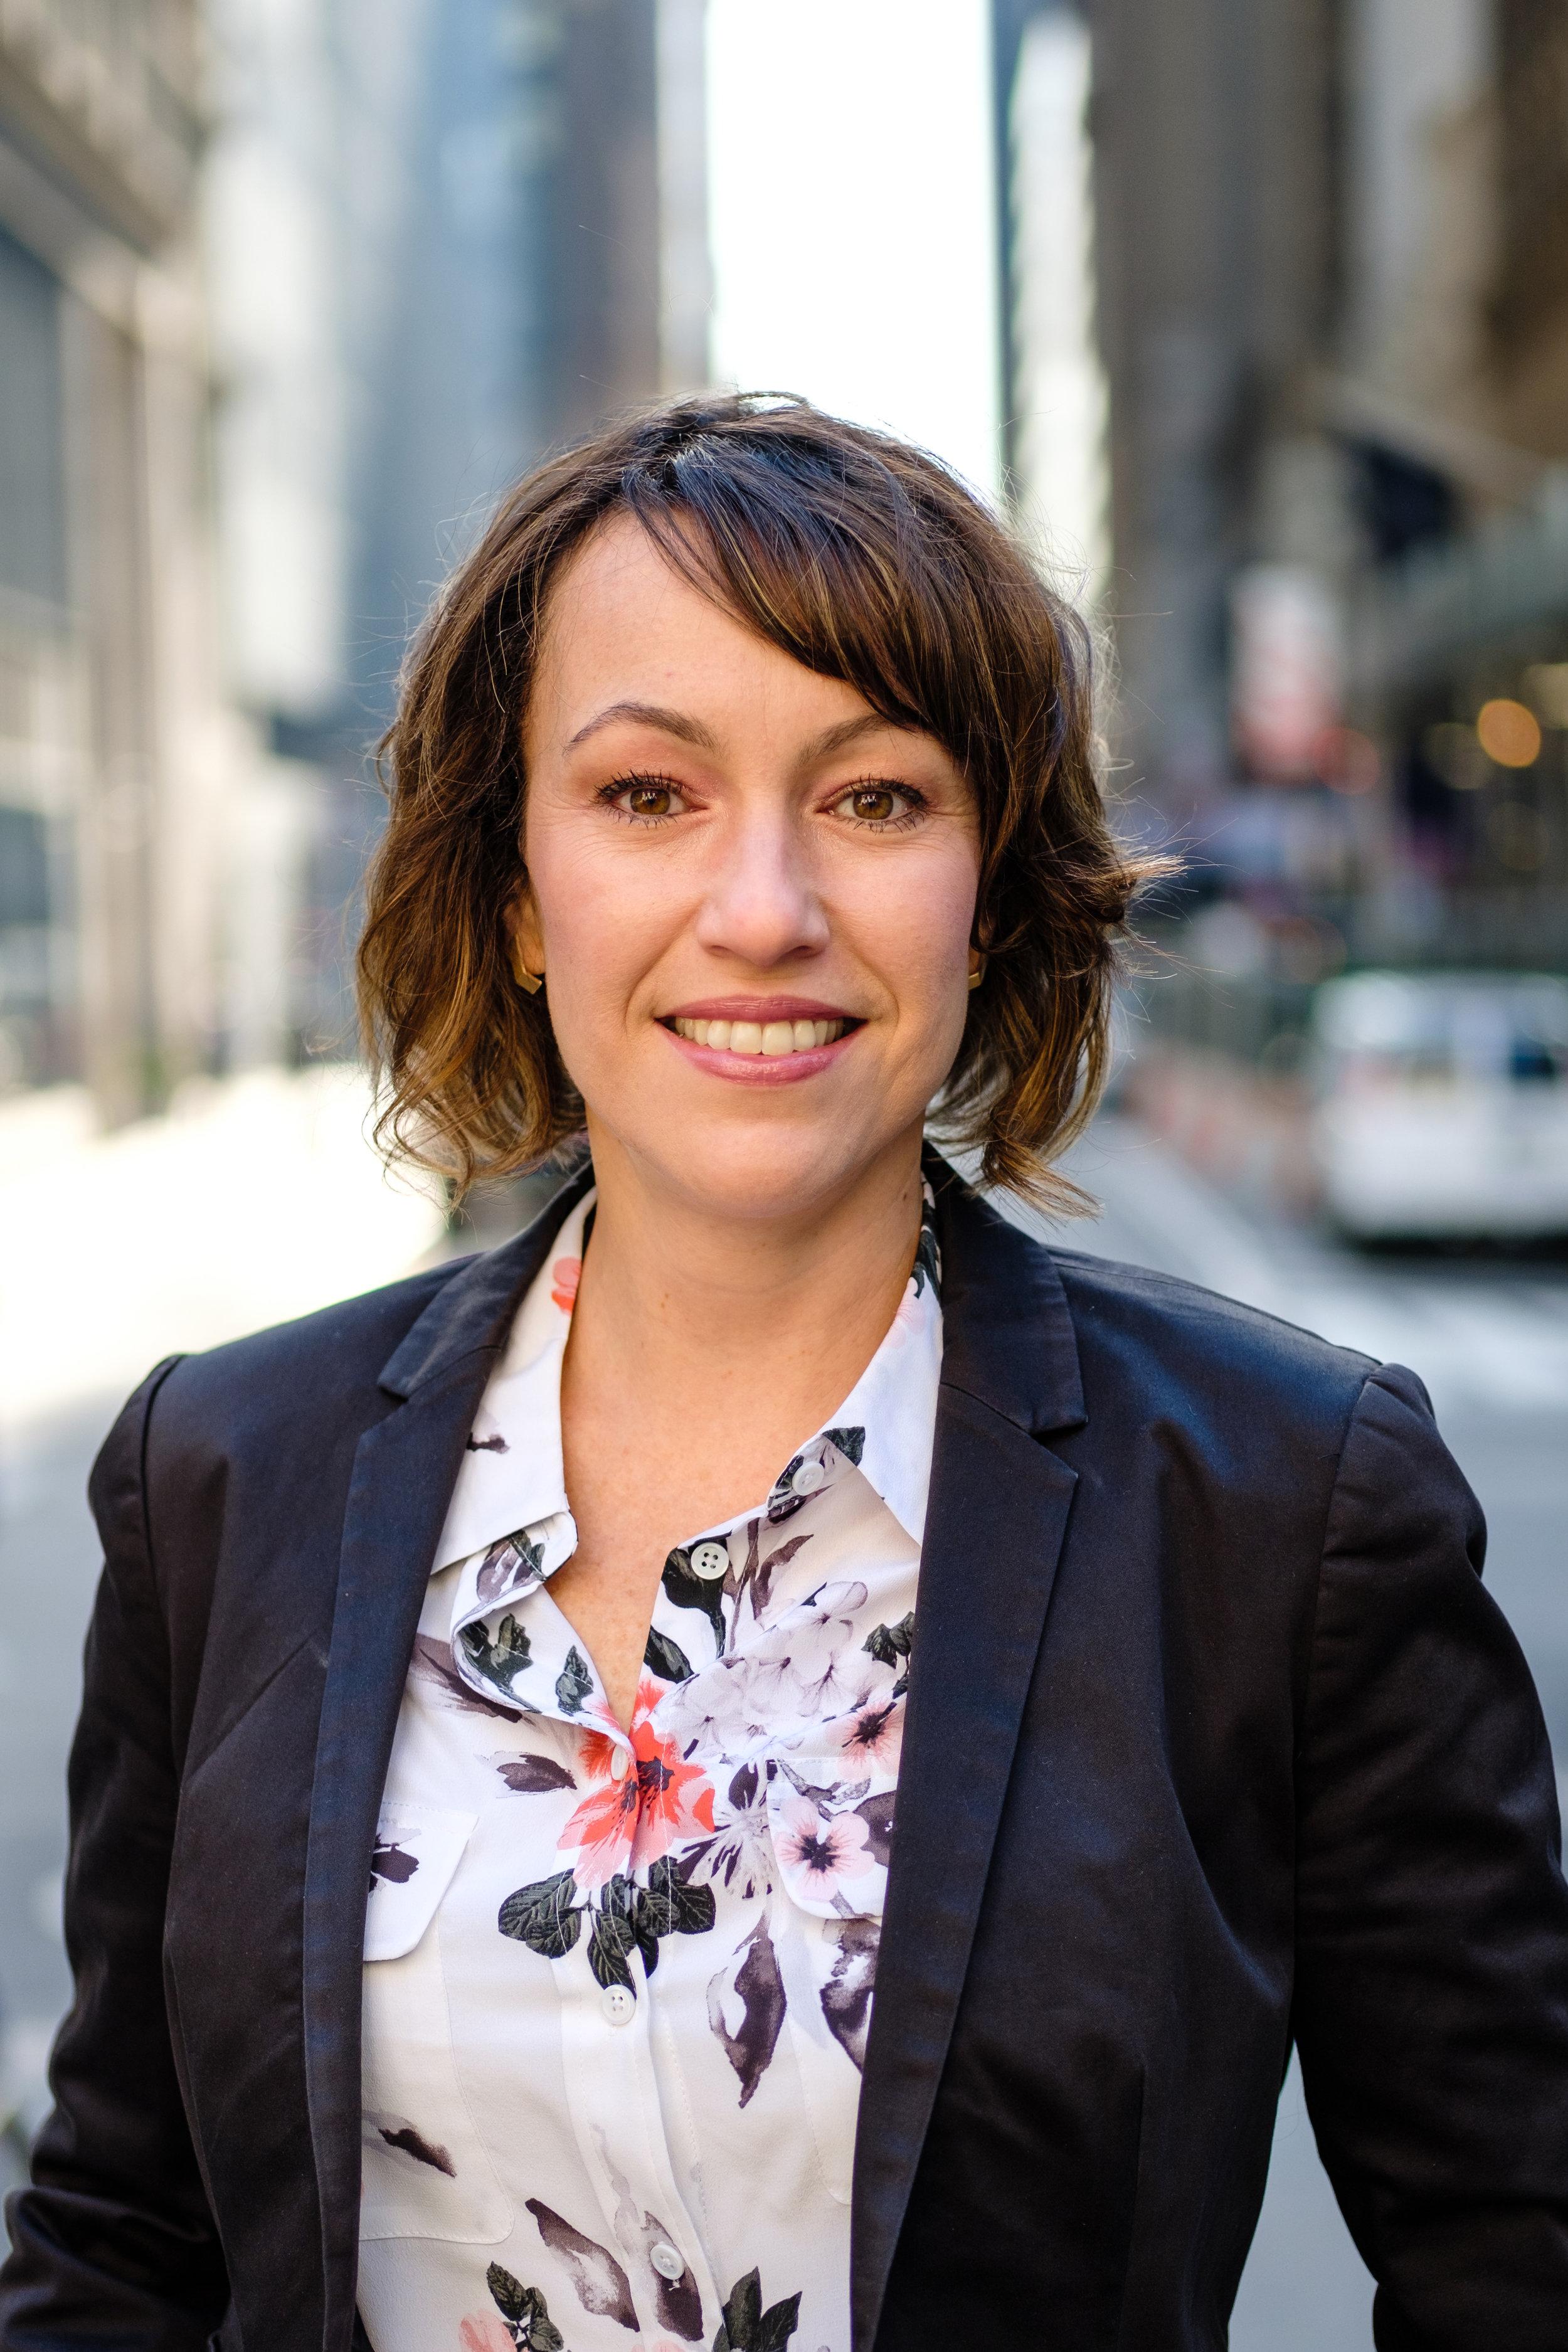 Debora Barros, Associate